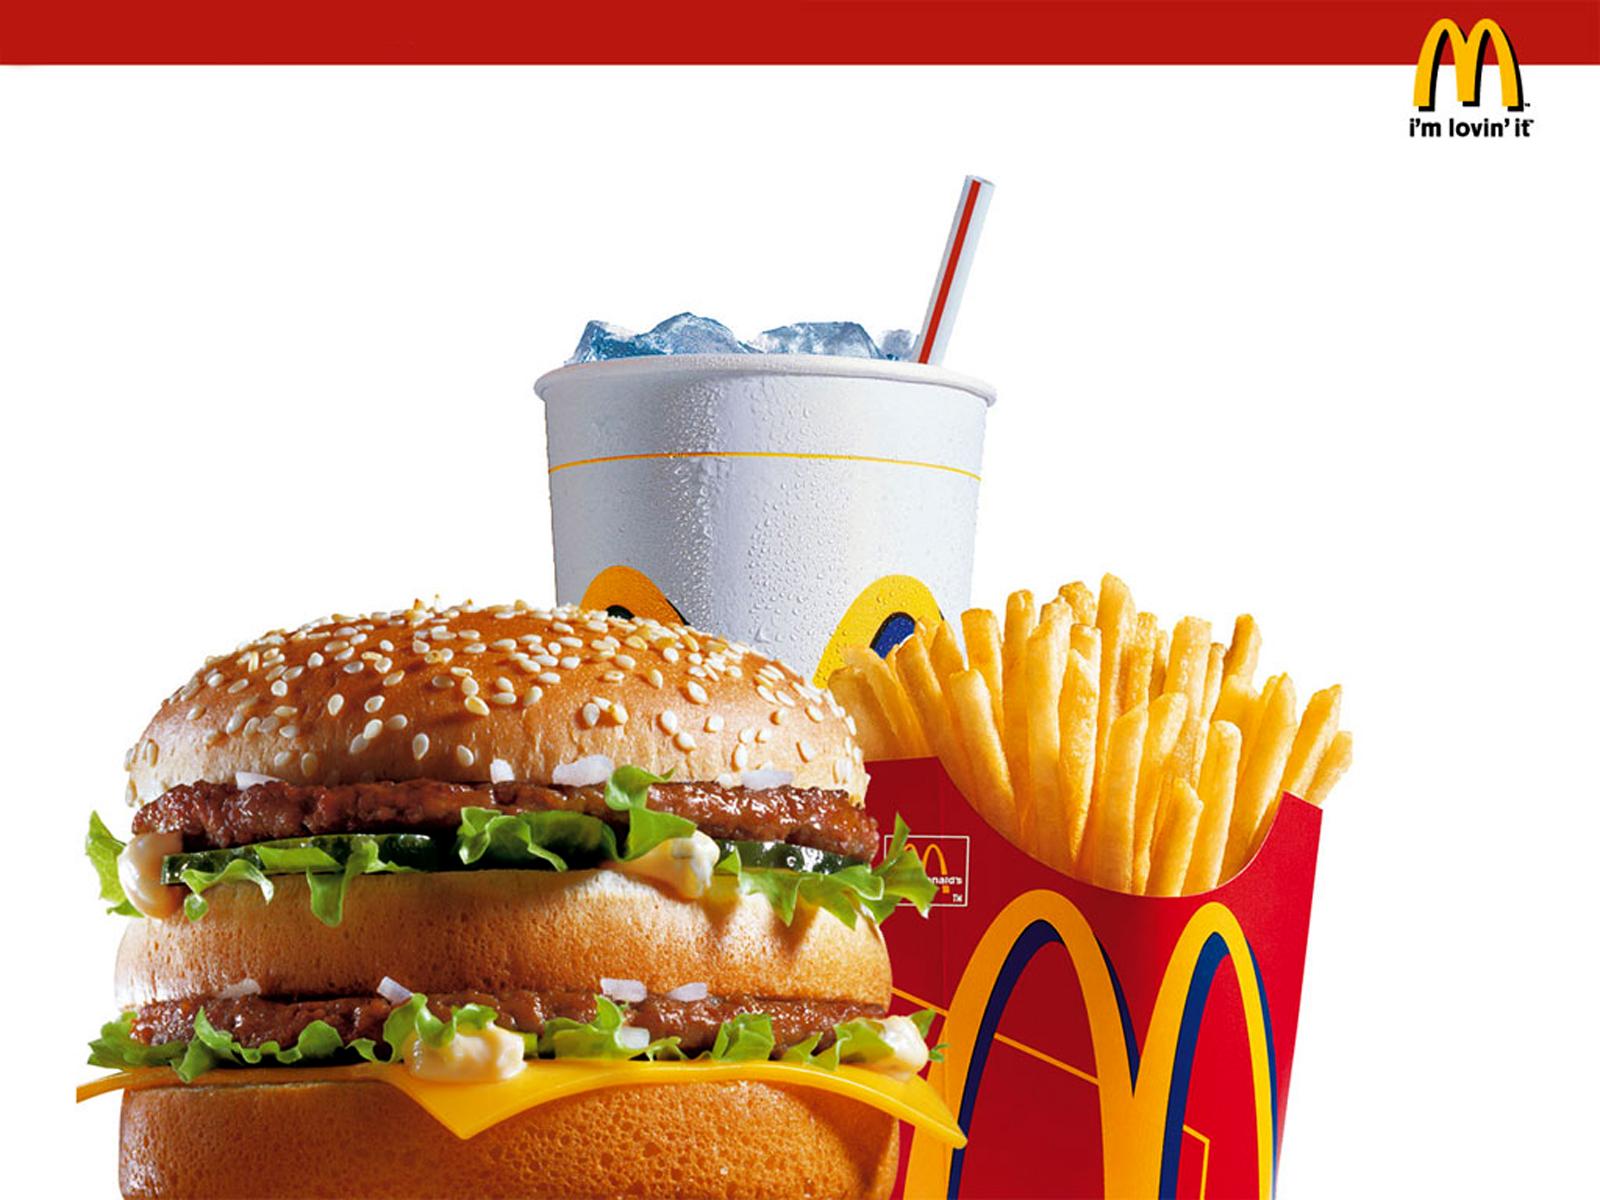 http://3.bp.blogspot.com/-jUrqW4KRSI4/T4xaDm6_n0I/AAAAAAAABWs/su1HwQln7f8/s1600/McDonalds_Hamburger_Chips_Menu_Ads_HD_Wallpaper-Vvallpaper.Net.jpg